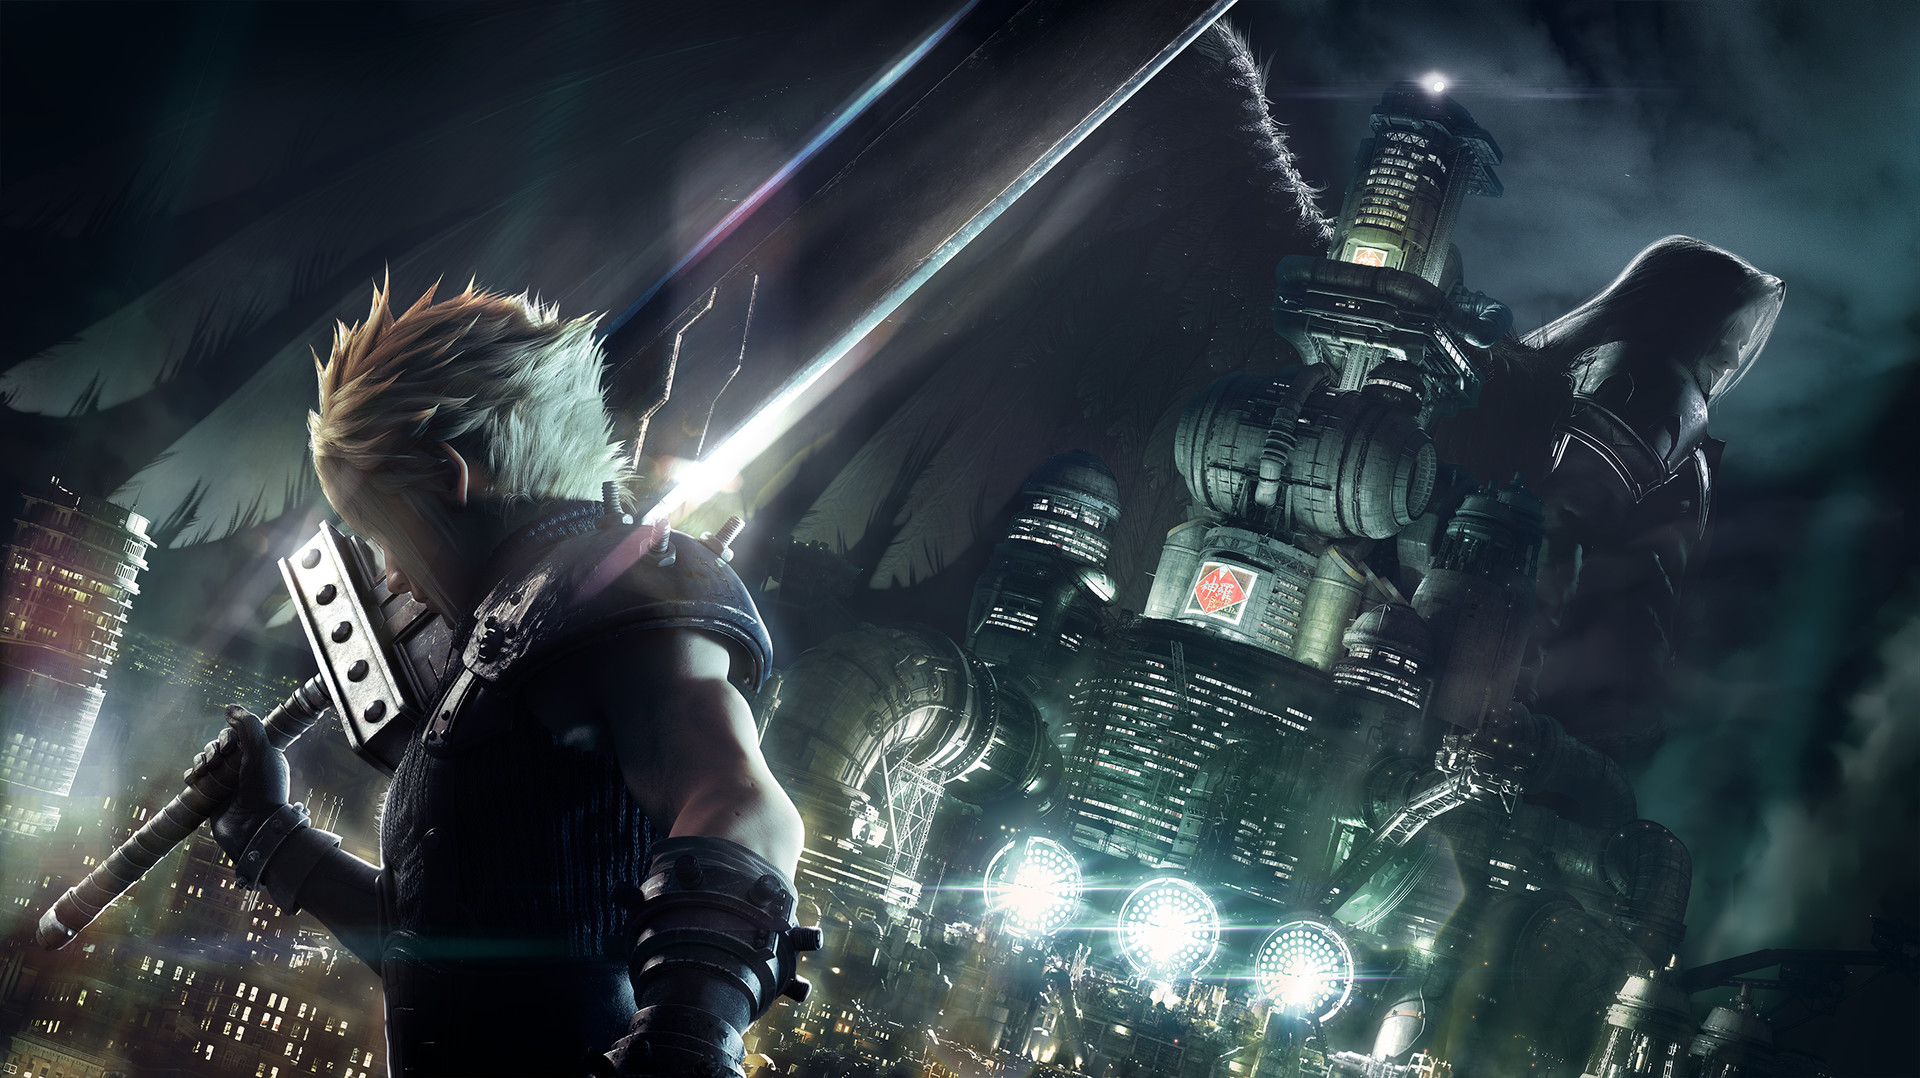 Demo Final Fantasy VII Remake potvrzeno, avšak zatím jen pro vybrané